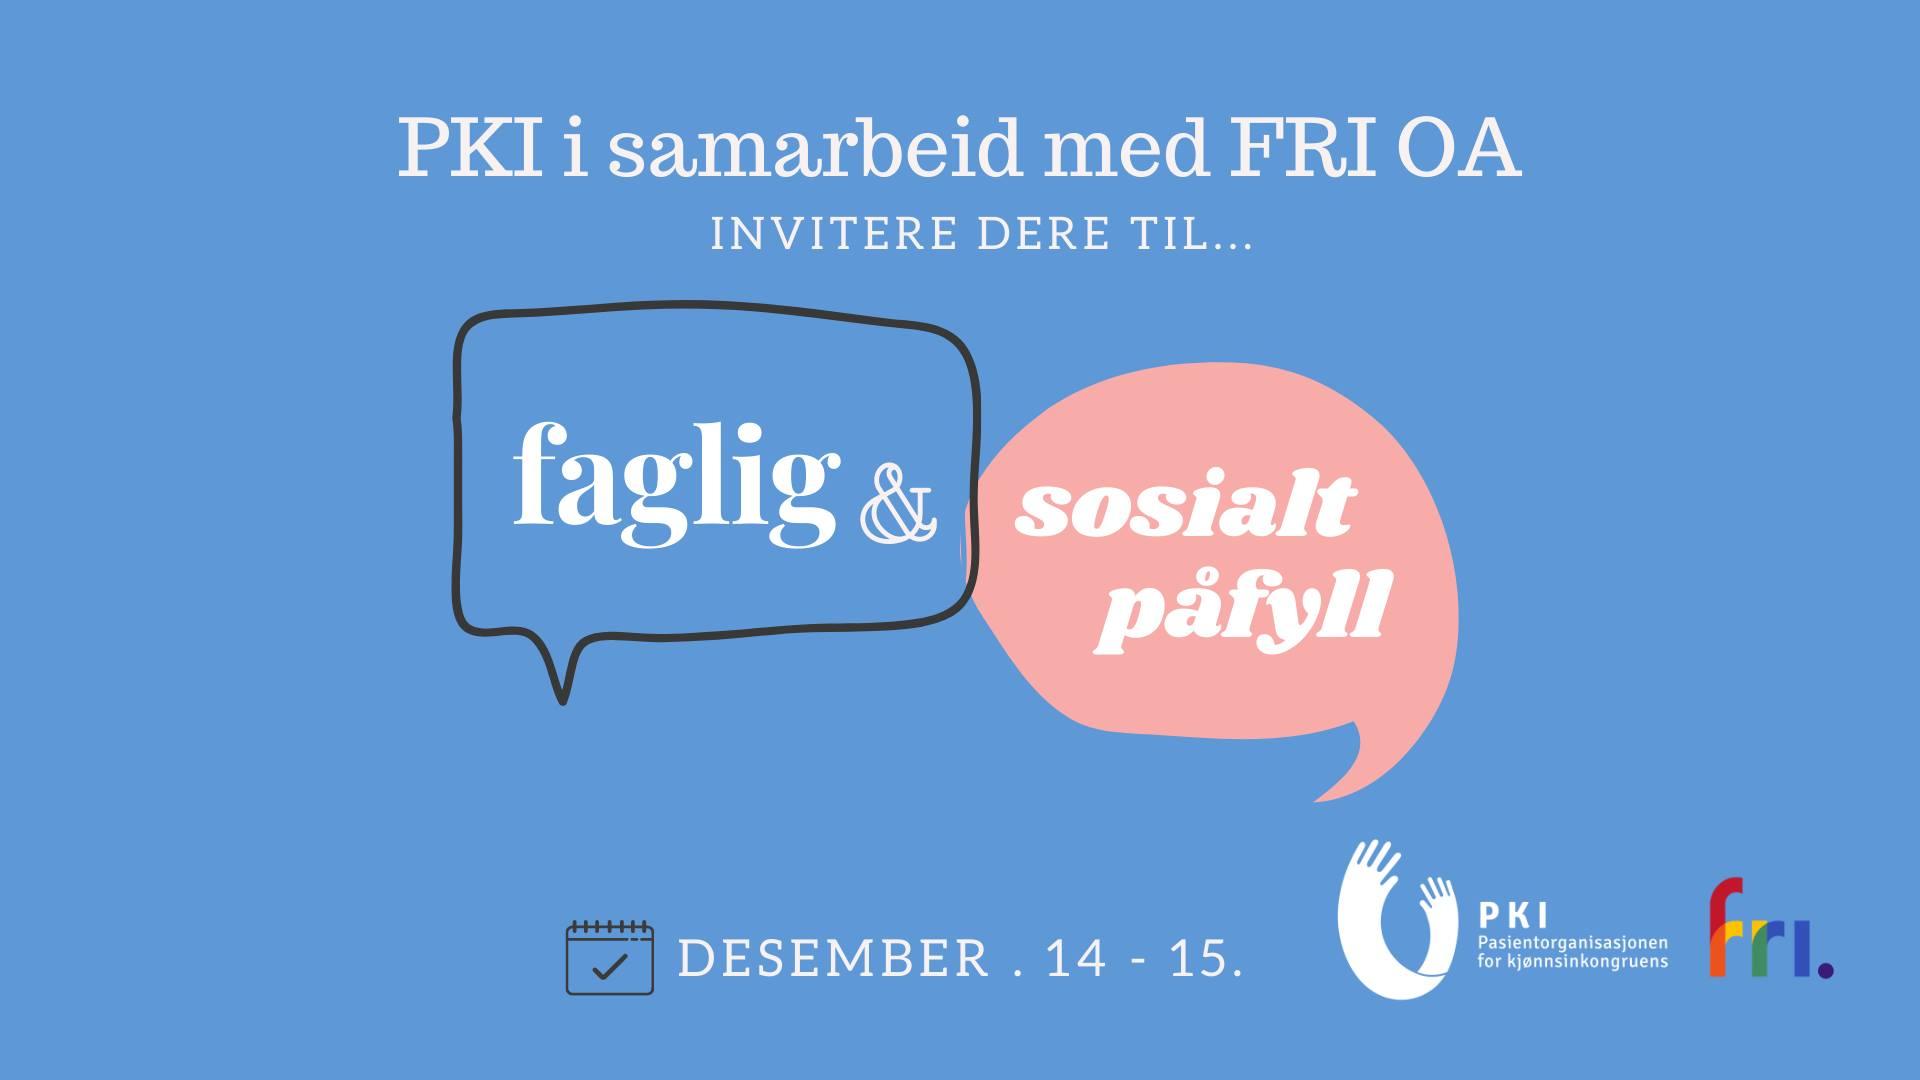 PKI i samarbeid med FRI Oslo Akershus inviterer til en strålende helg med både faglig og sosialt påfyll.